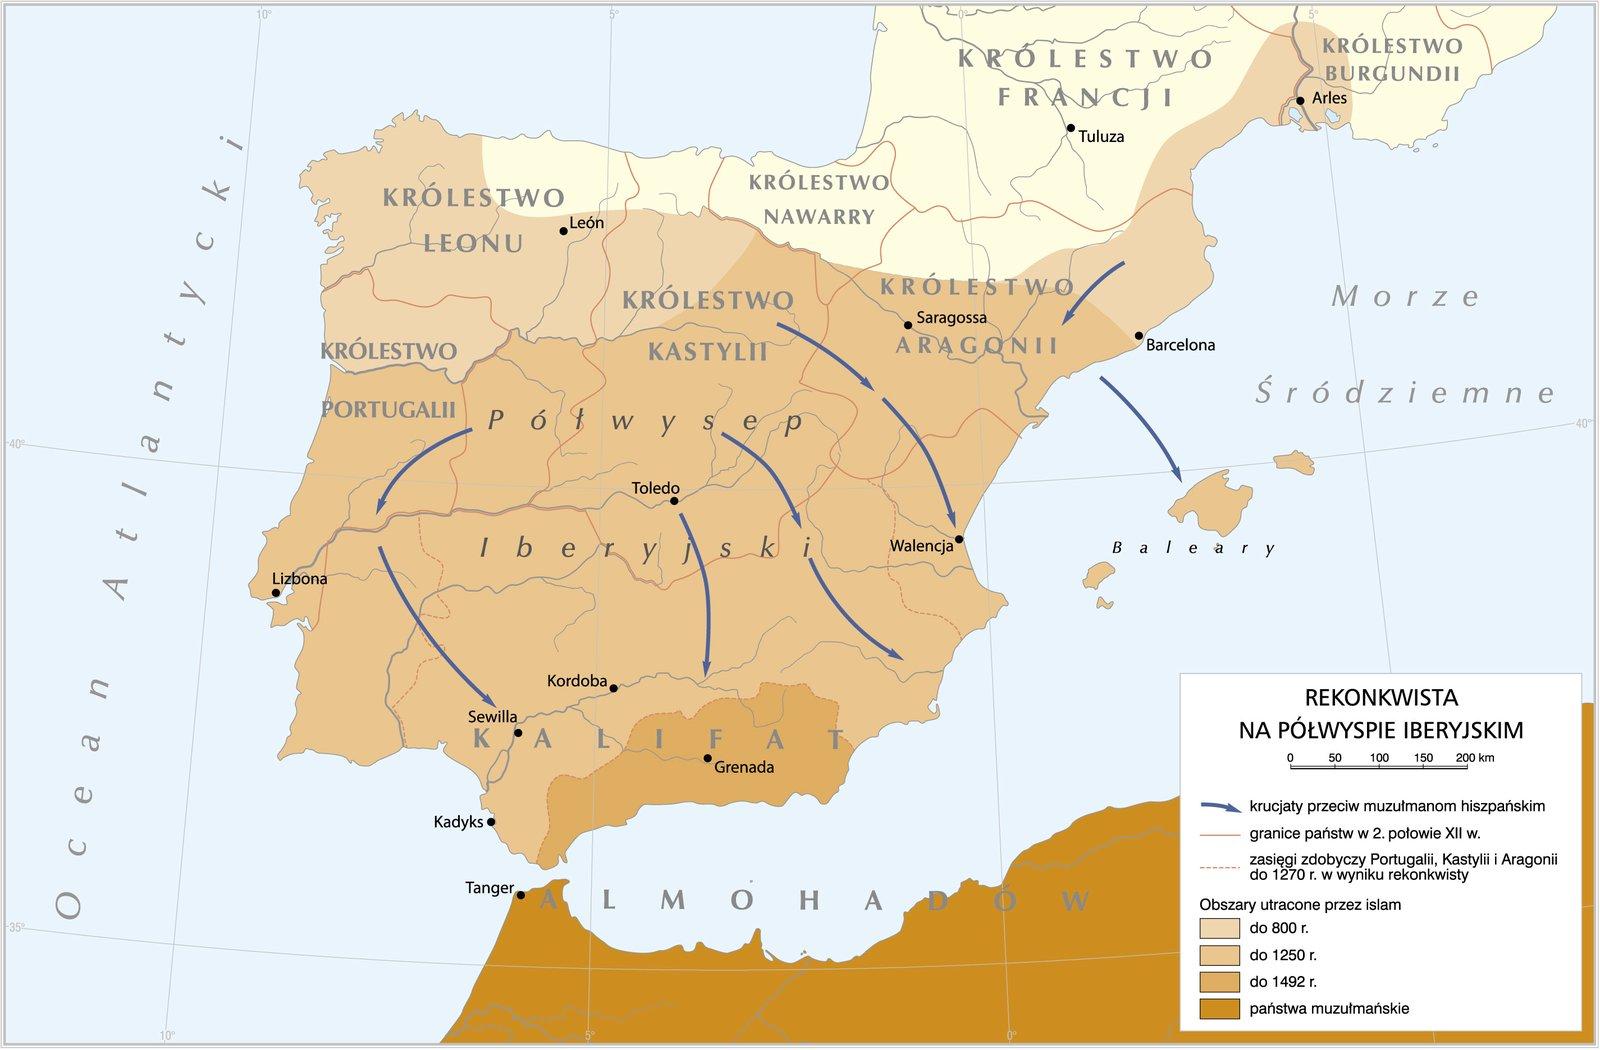 Rekonkwista na Półwyspie Iberyjskim Rekonkwista na Półwyspie Iberyjskim Źródło: Krystian Chariza izespół, licencja: CC BY 4.0.